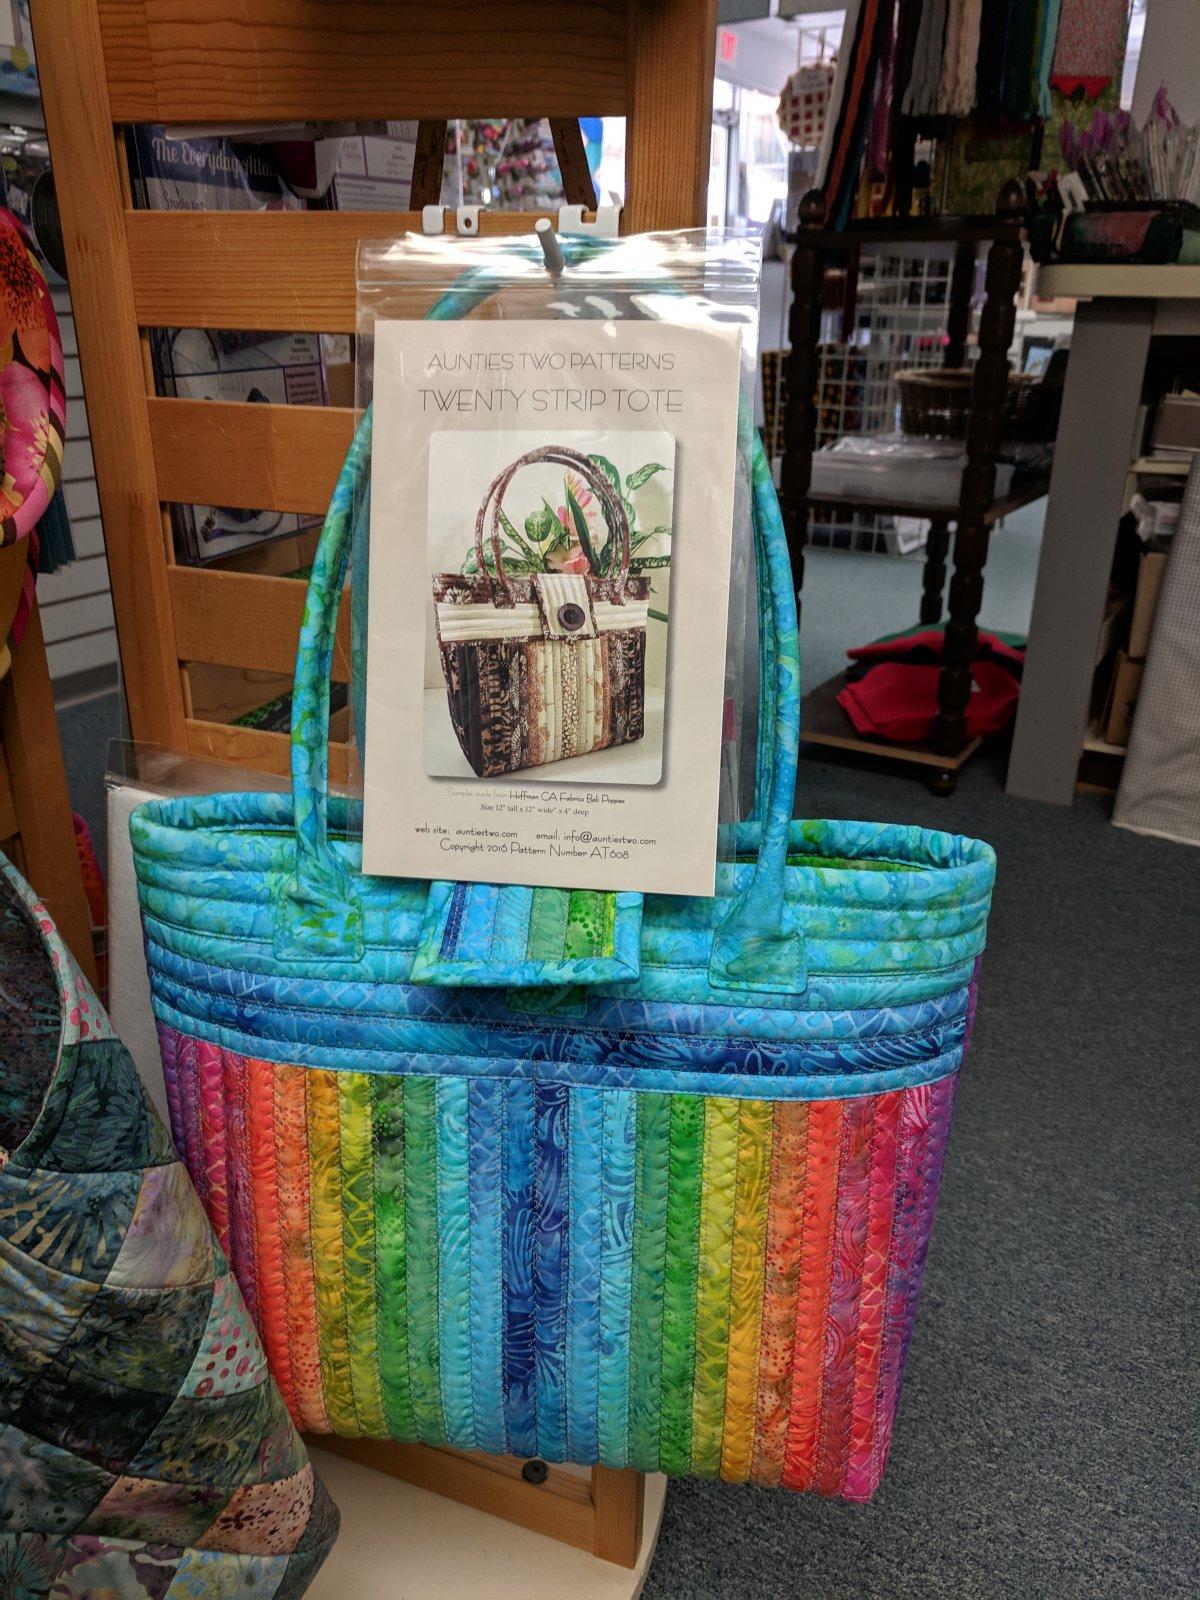 20 Strip Tote Bag